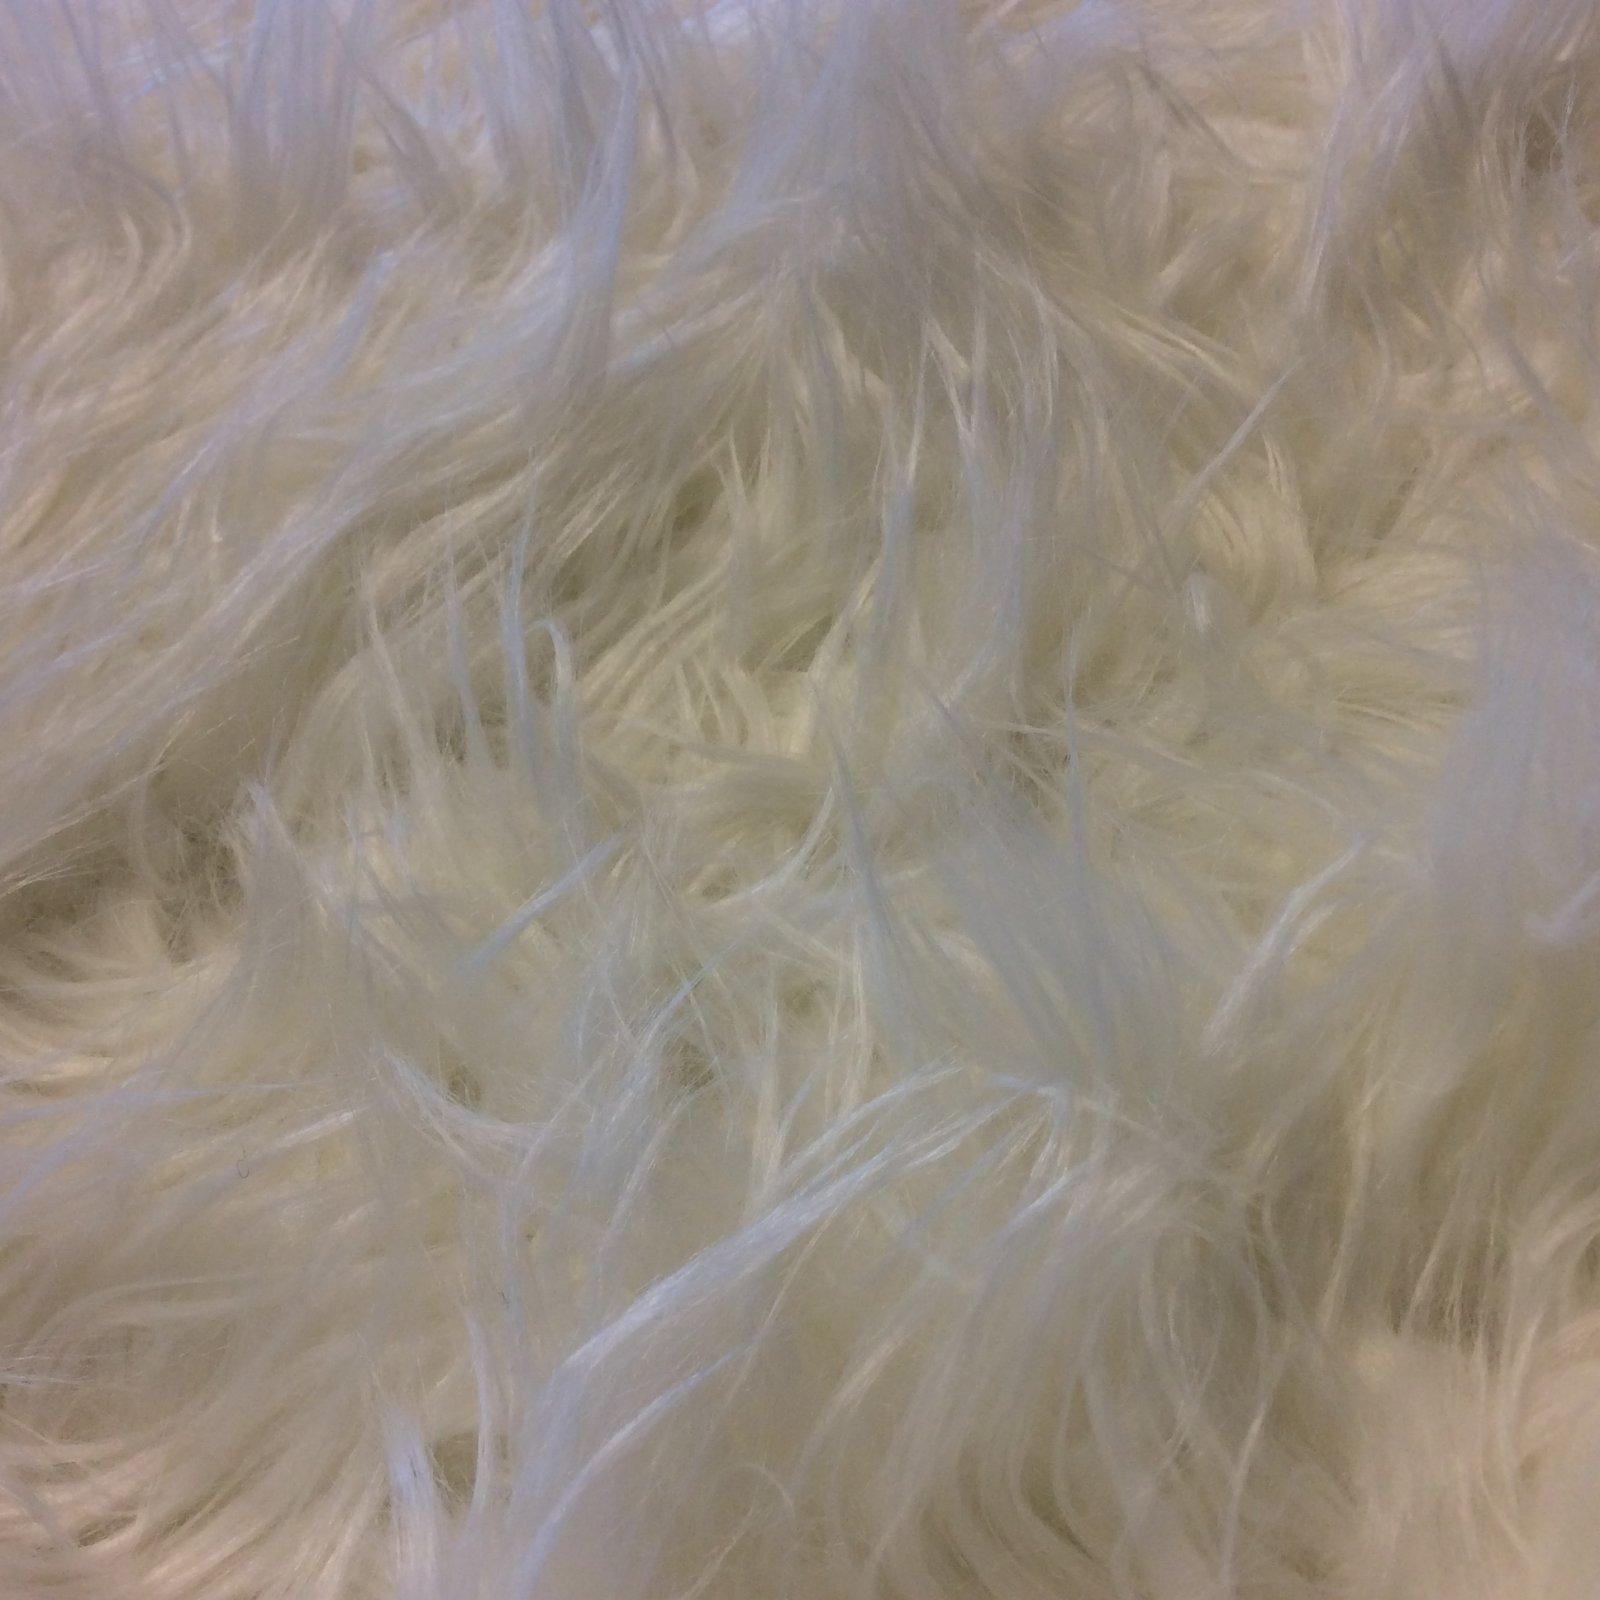 Made in Japan Faux Fur White Shagg High Pile Shag Apparel Home Decor Fabric MJ002